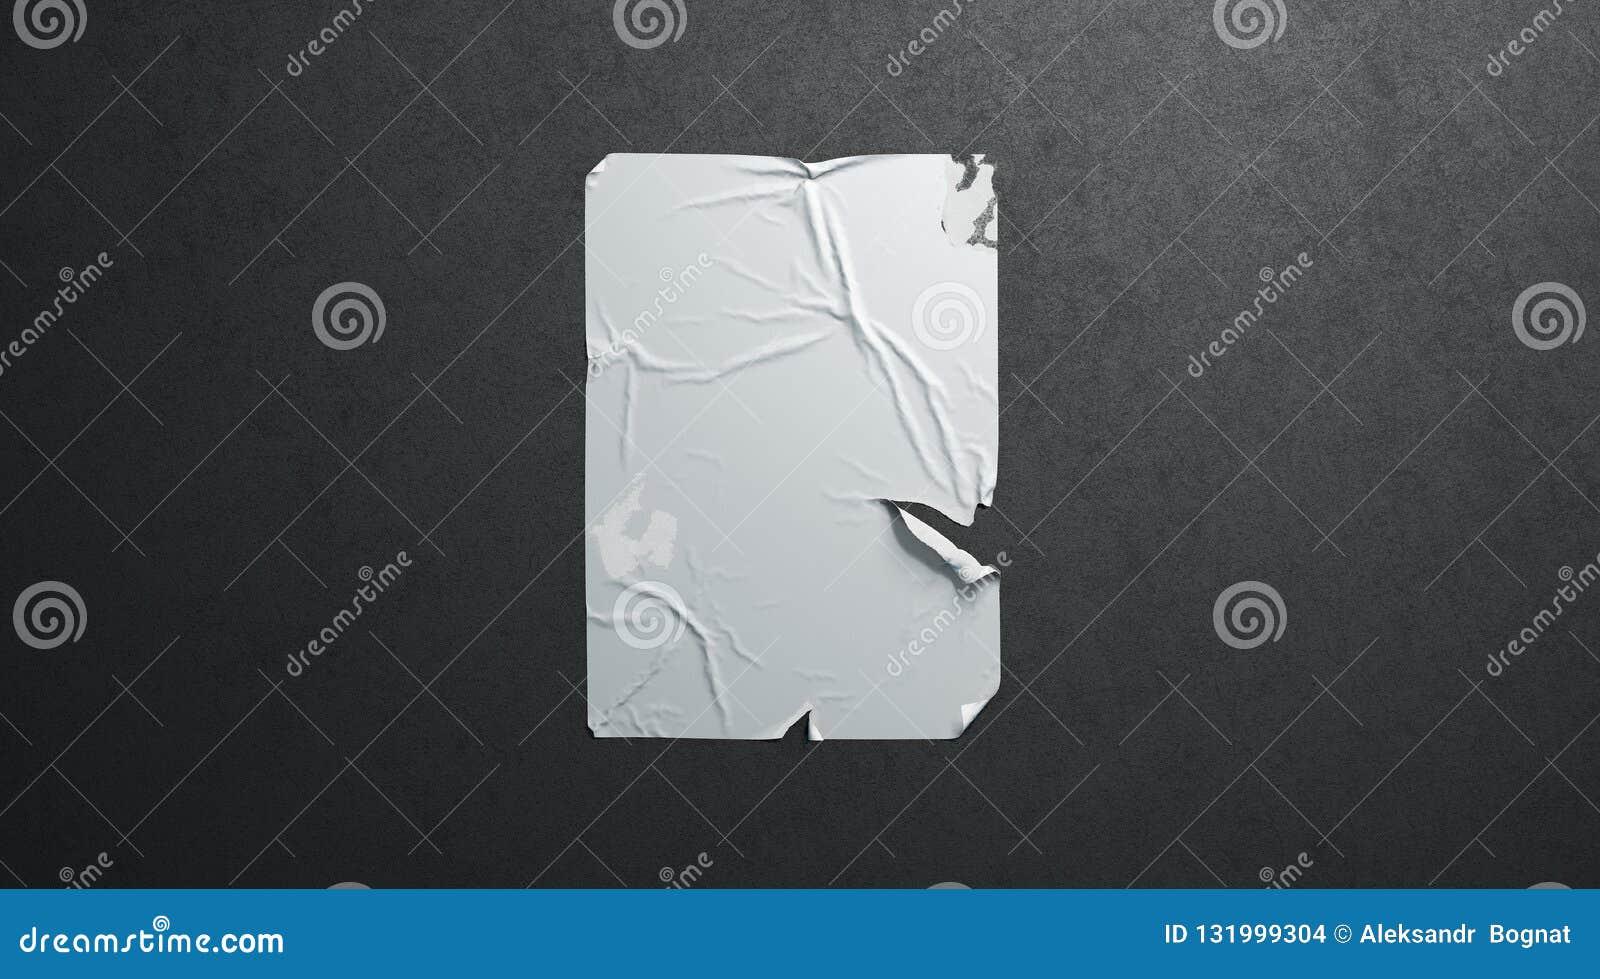 Pared texturizada negro rasgada adhesiva de la maqueta del cartel del wheatpaste blanco en blanco